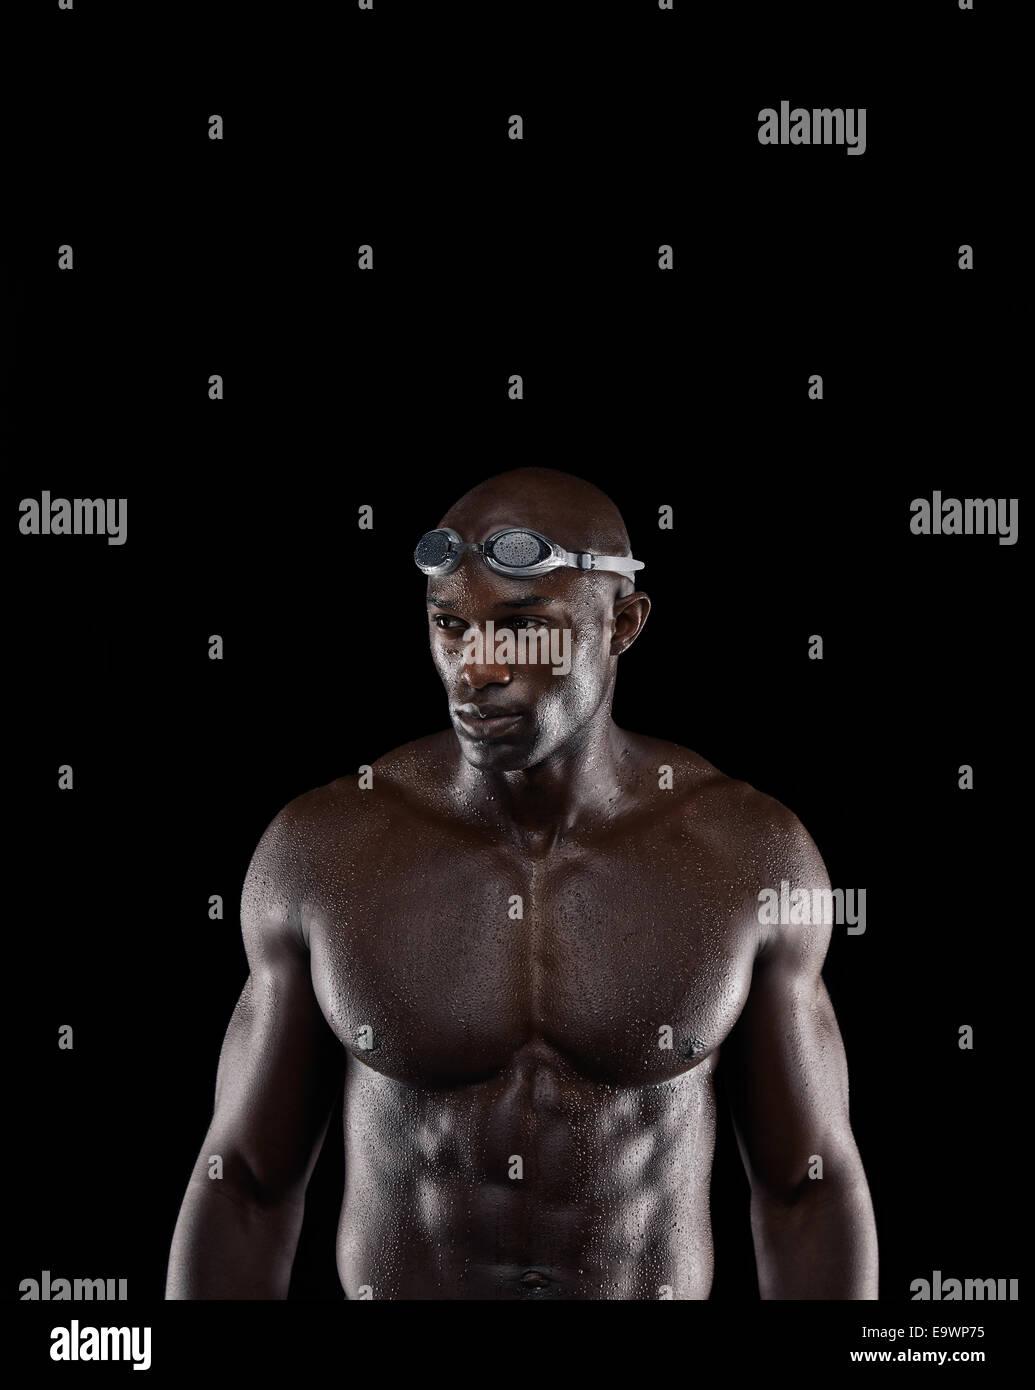 Studio shot di montare i giovani nuotatori su sfondo nero. Muscolare atleta africano che guarda lontano a copiare Immagini Stock